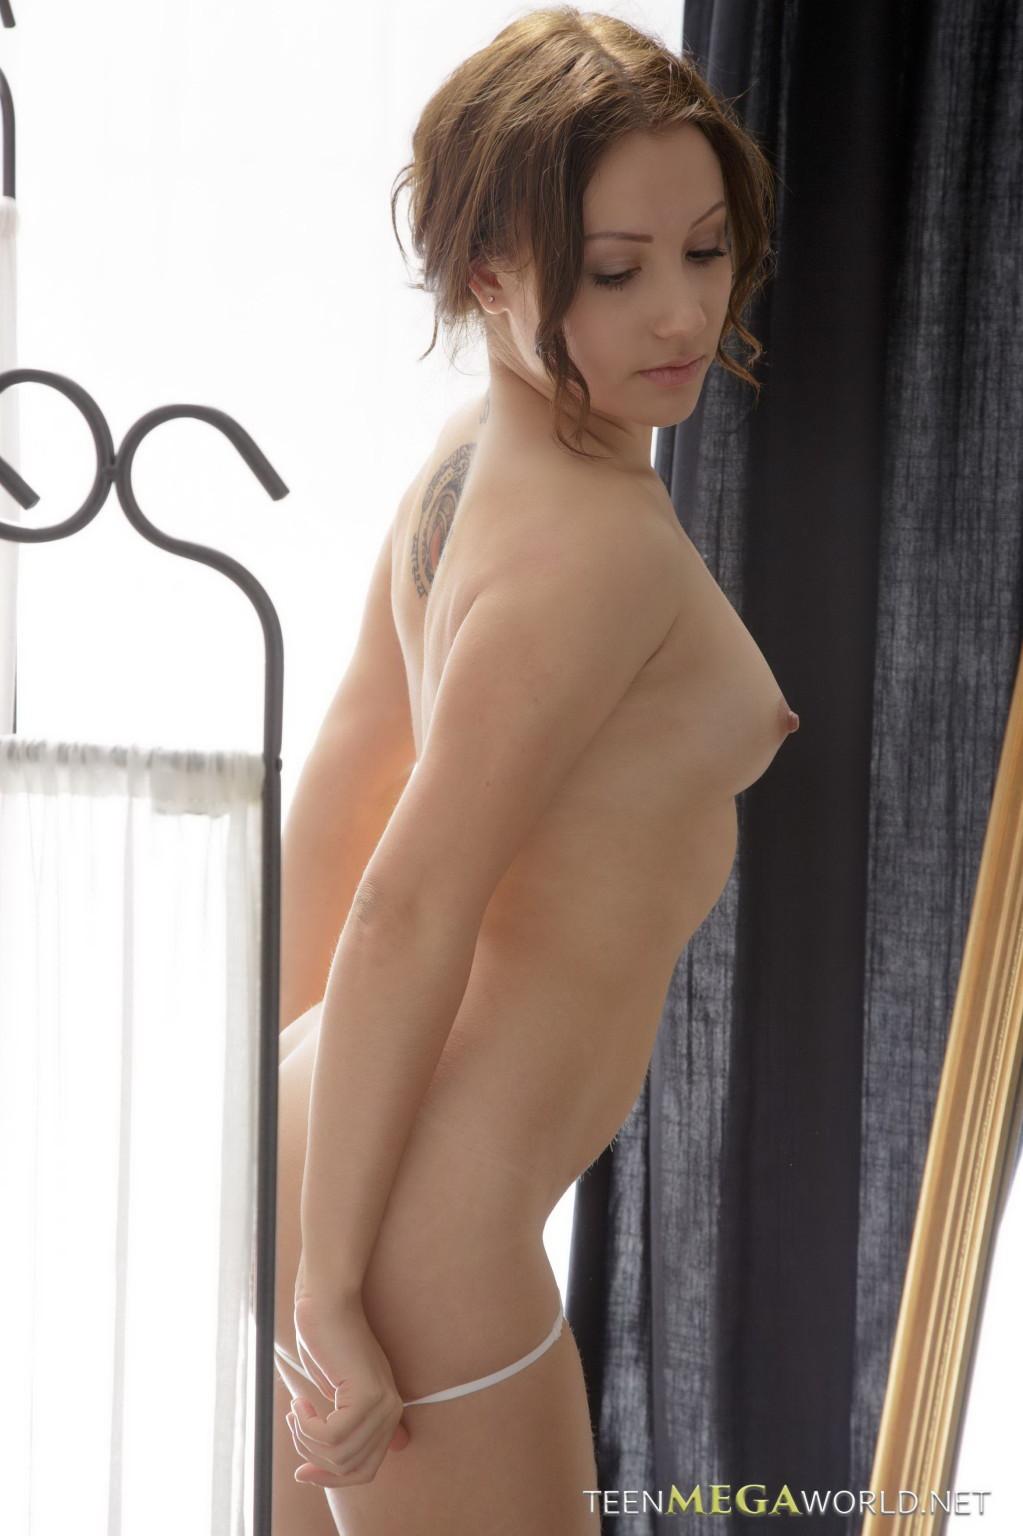 Волосатые - Порно галерея № 3542699